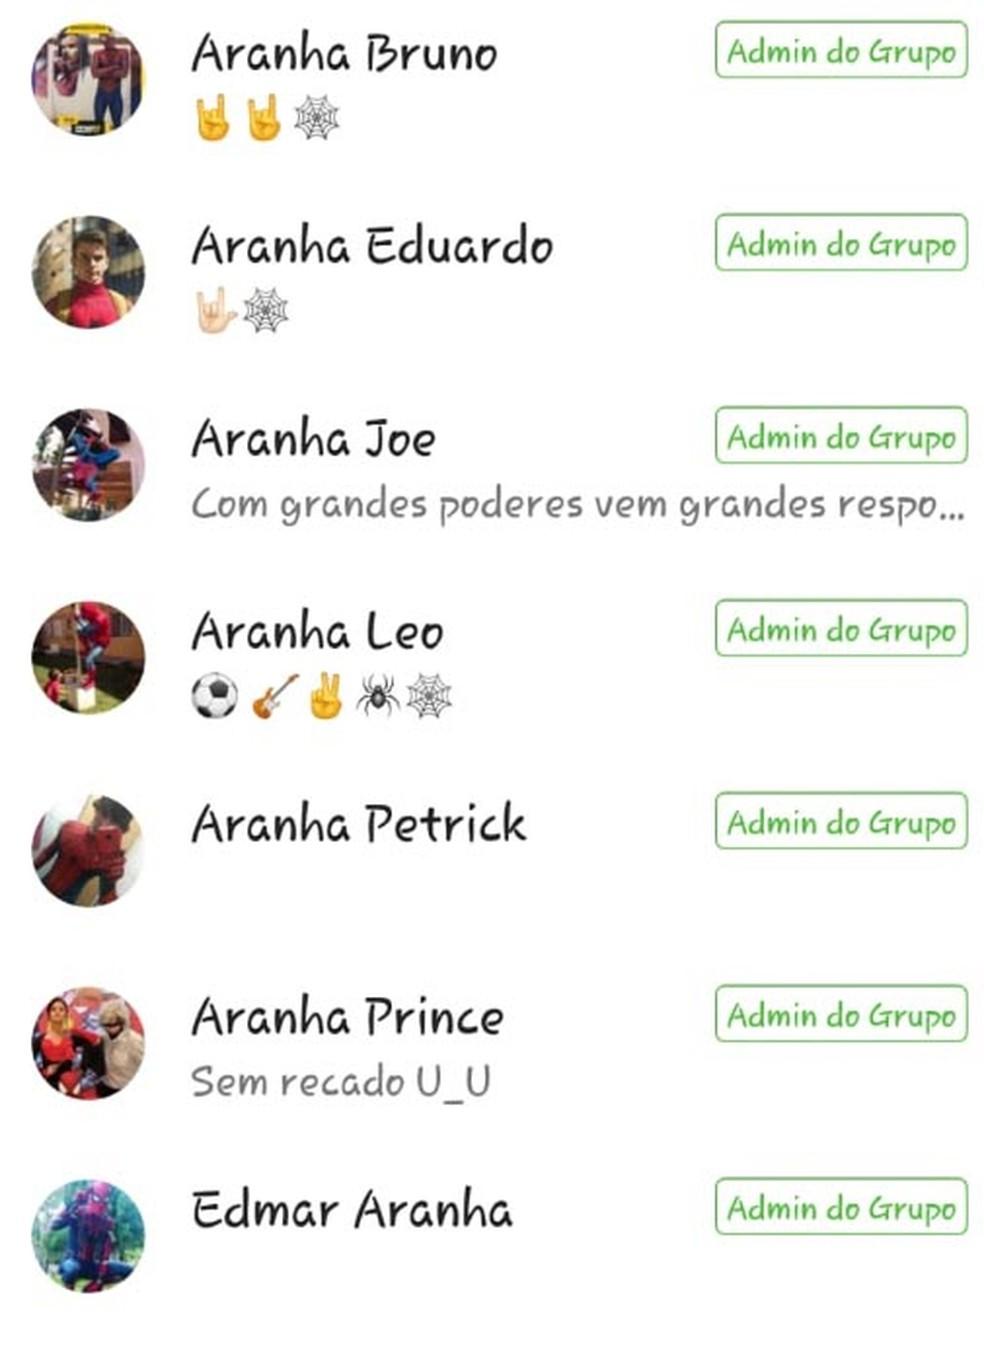 Homens-aranha de todo o país trocam experiências em grupo de Whatsapp. (Foto: Homem-Aranha Mineiro/Arquivo pessoal)